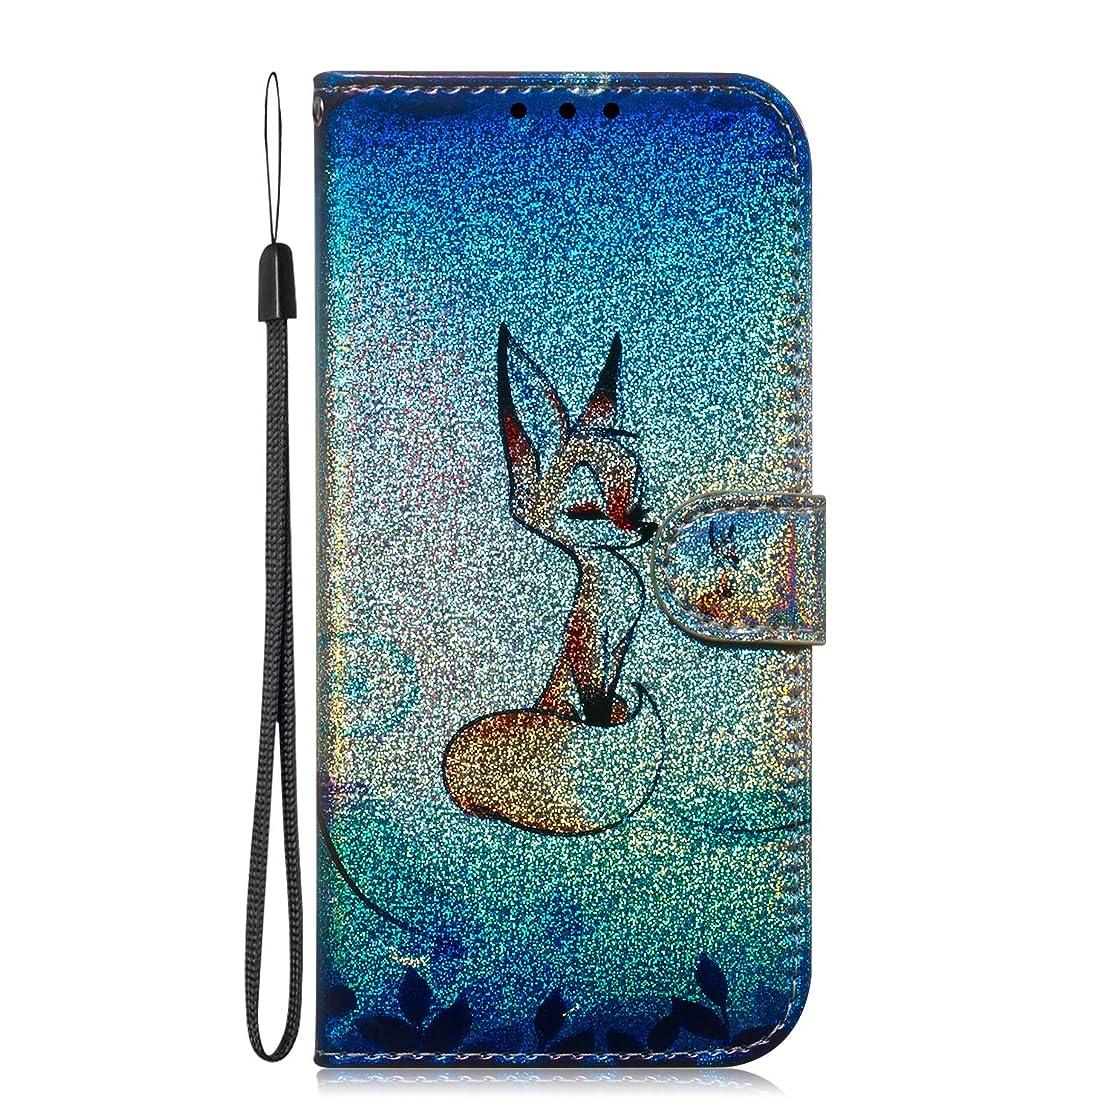 ウミウシ賞賛する発送Docrax Huawei Mate20 ケース 手帳型 スタンド機能 財布型 カードポケット マグネット ファーウェイMate20 手帳型ケース レザーケース カバー - DOTXI150436 D3